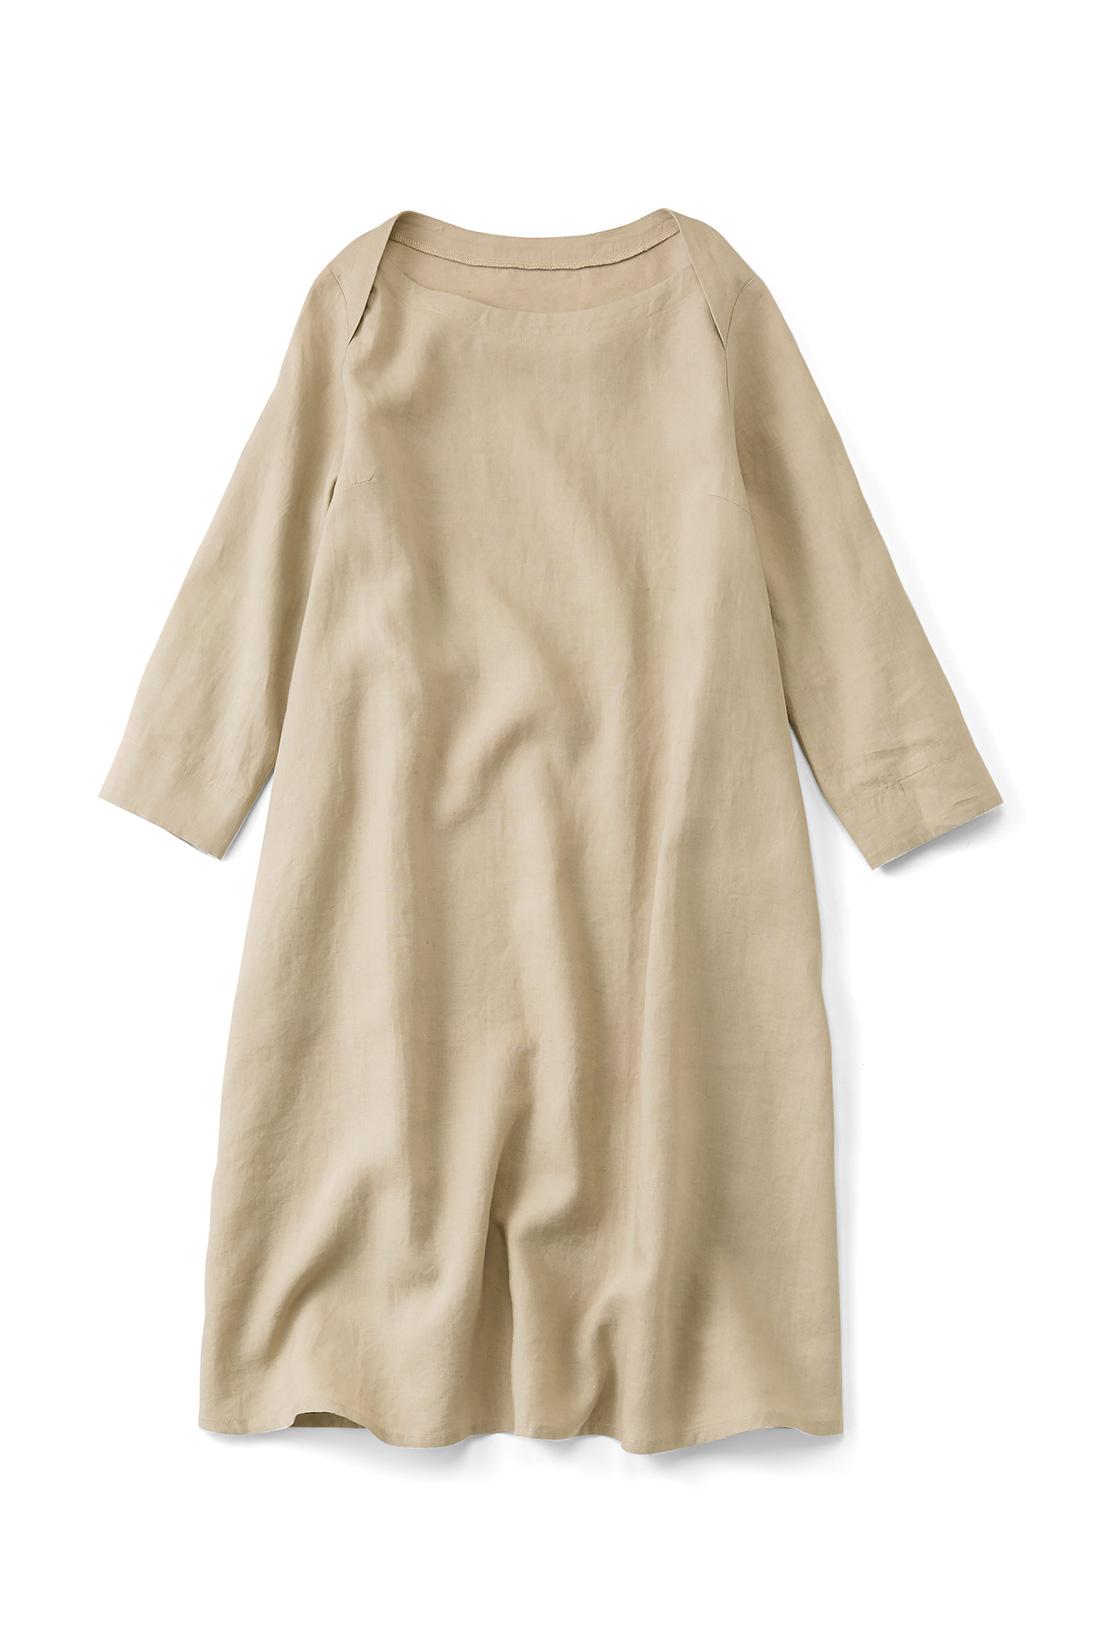 【ベージュ】肌寒い日はインに長袖Tシャツを着たり、秋冬はタートルで、とオールシーズン大活躍。衿ぐりのデザインも素敵でしょ。